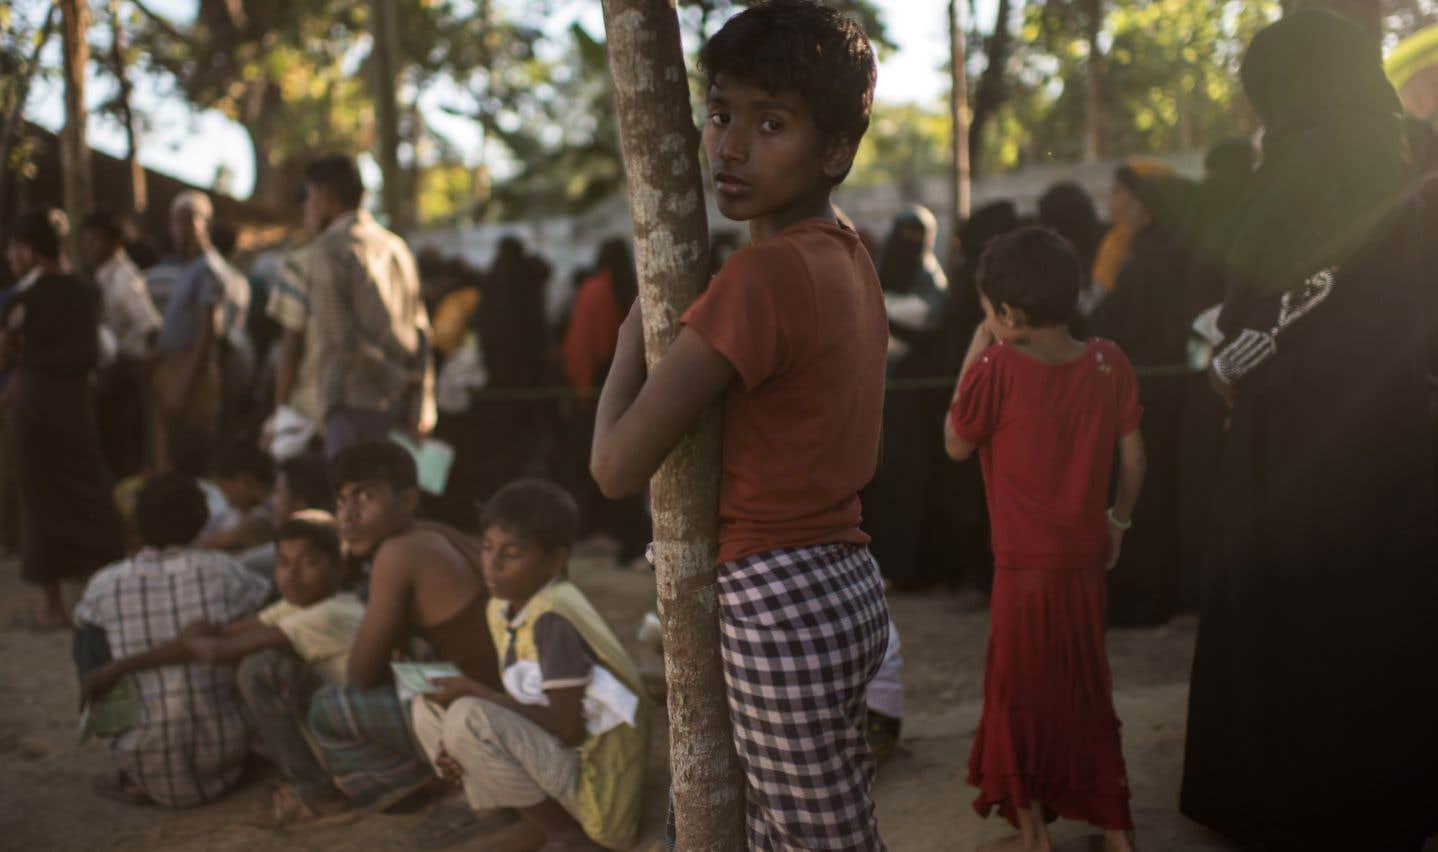 Des Rohingyas faisaient la queue pour de la nourriture dans un camp de réfugiés de Cox's Bazar, au Bangladesh au début du mois.